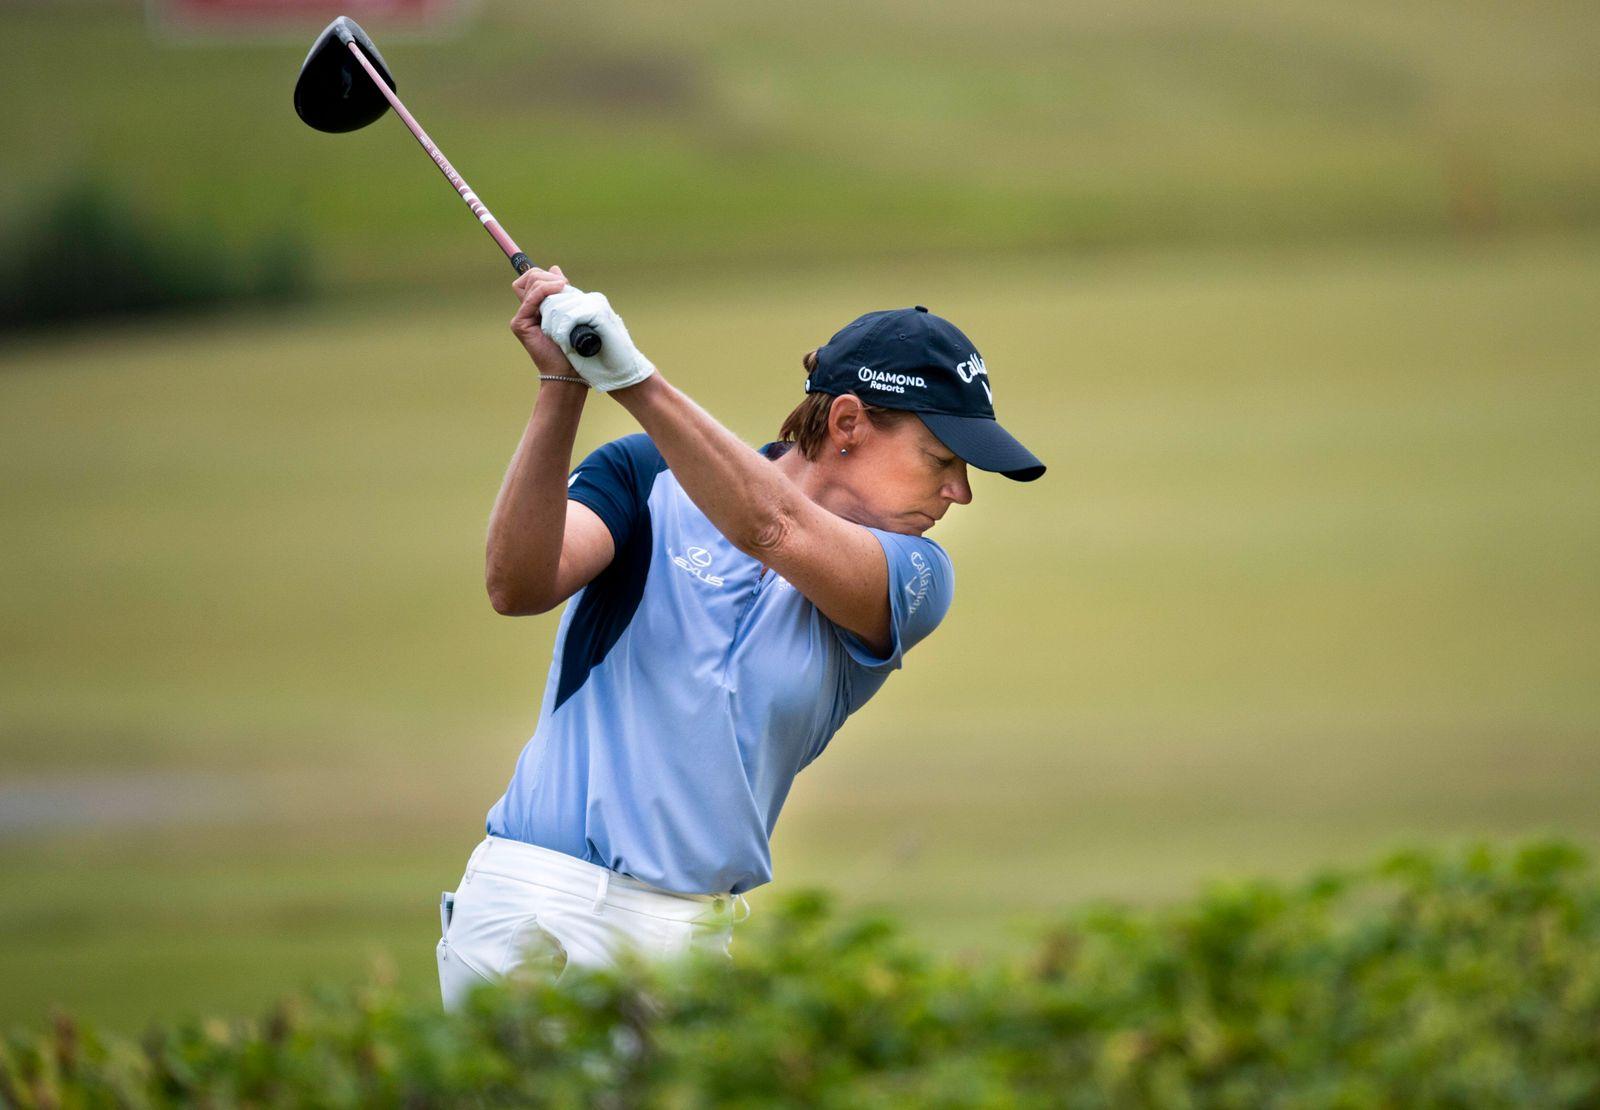 Annika Sorenstam ( Annika S?renstam) against Henrik Stenson during the first round of the Scandinavian mixed golf compet